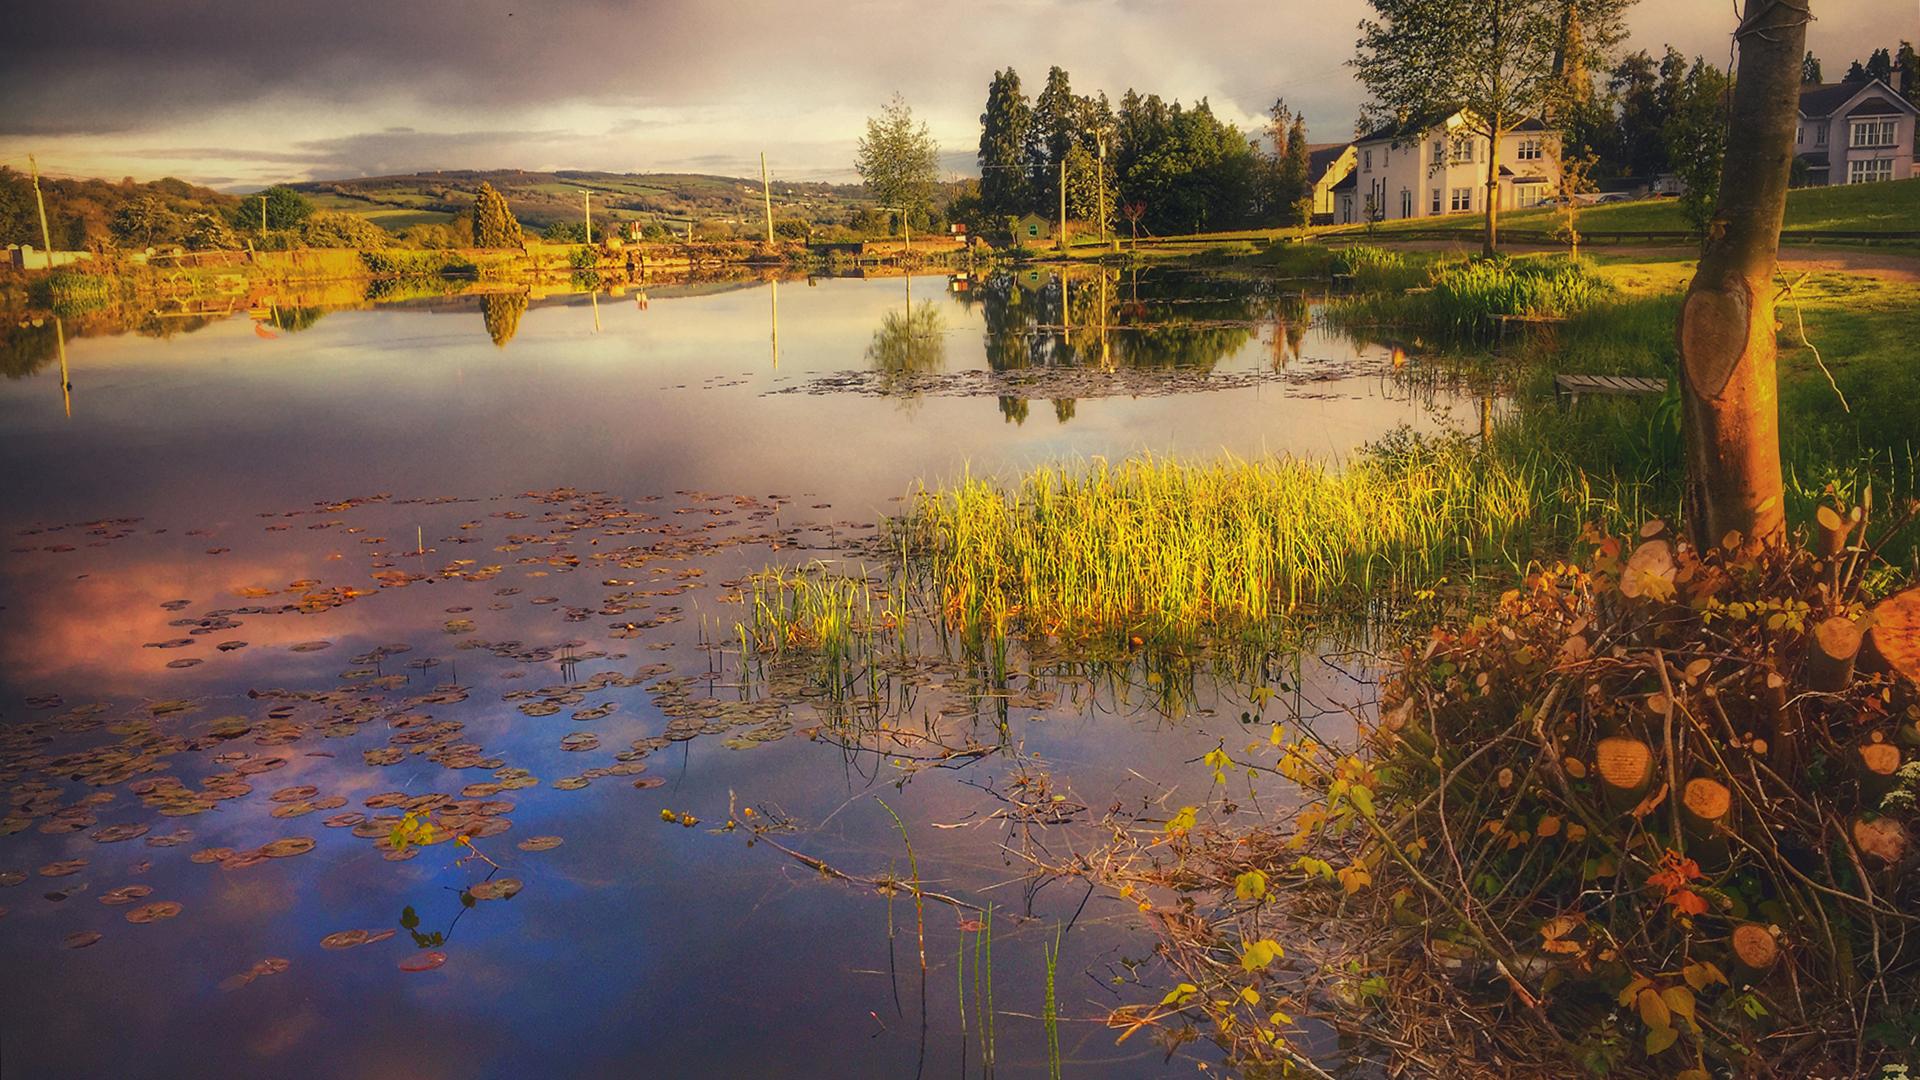 Gills Pond, Ballinakill, Co. Laois